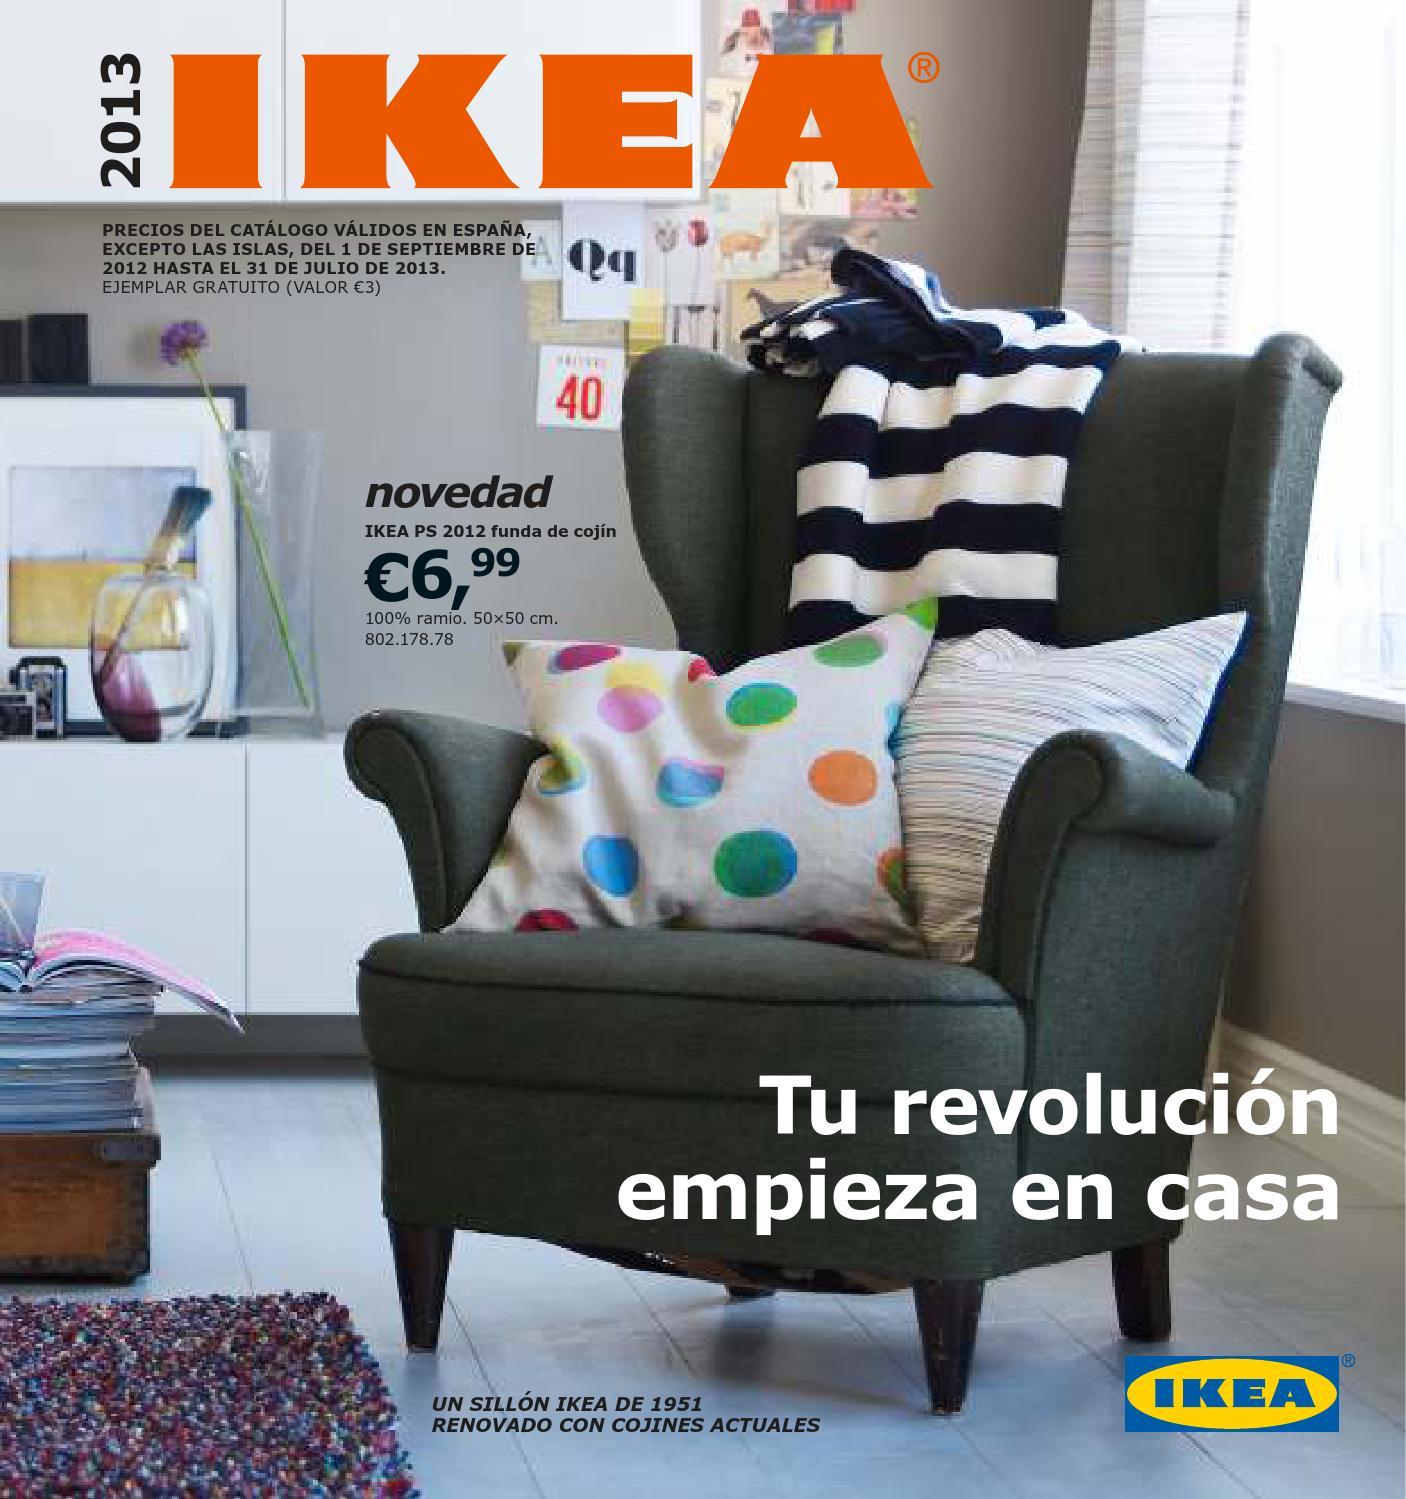 Catalogo ikea 2013 by SuperCatalogos.es - issuu